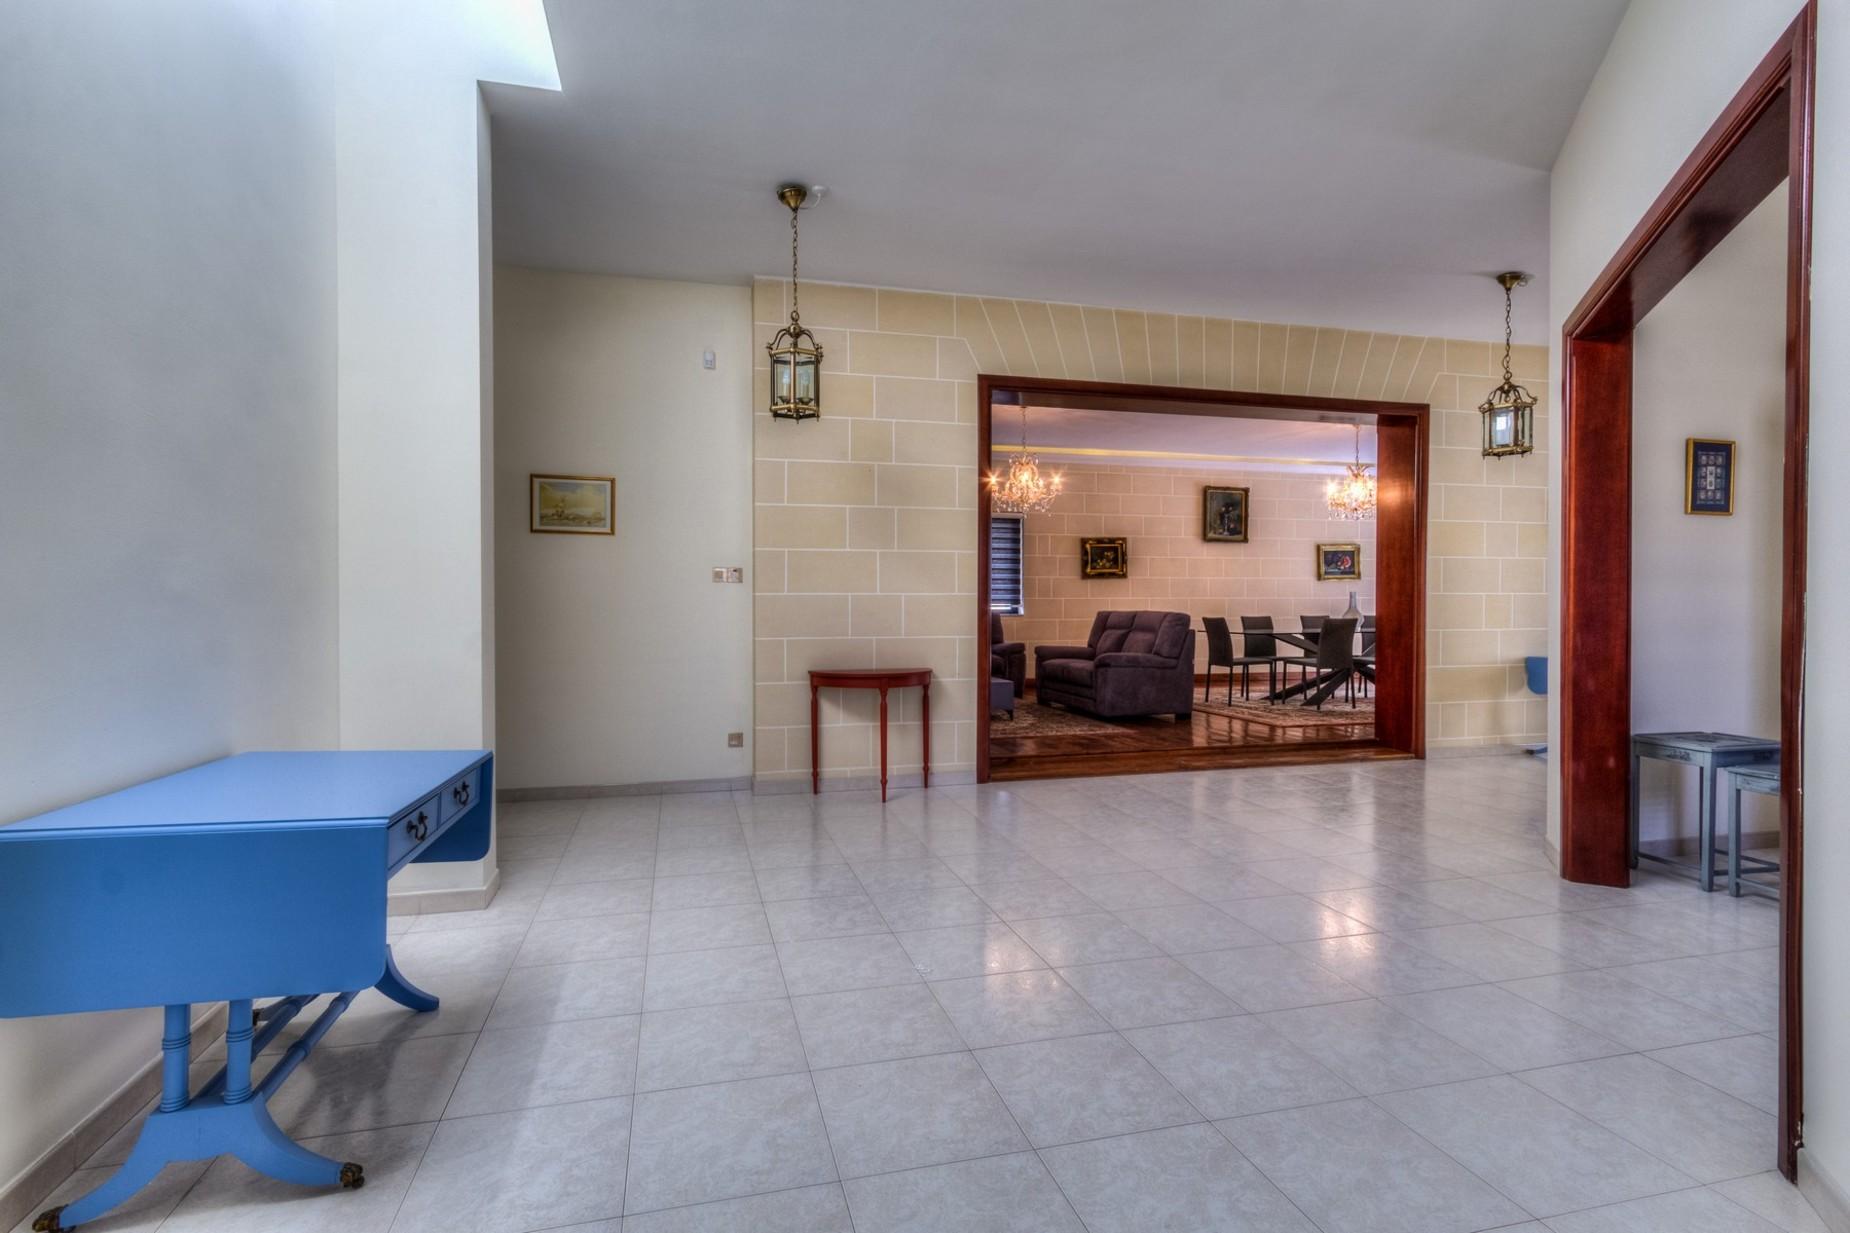 3 bed Villa For Rent in Rabat, Rabat - thumb 10